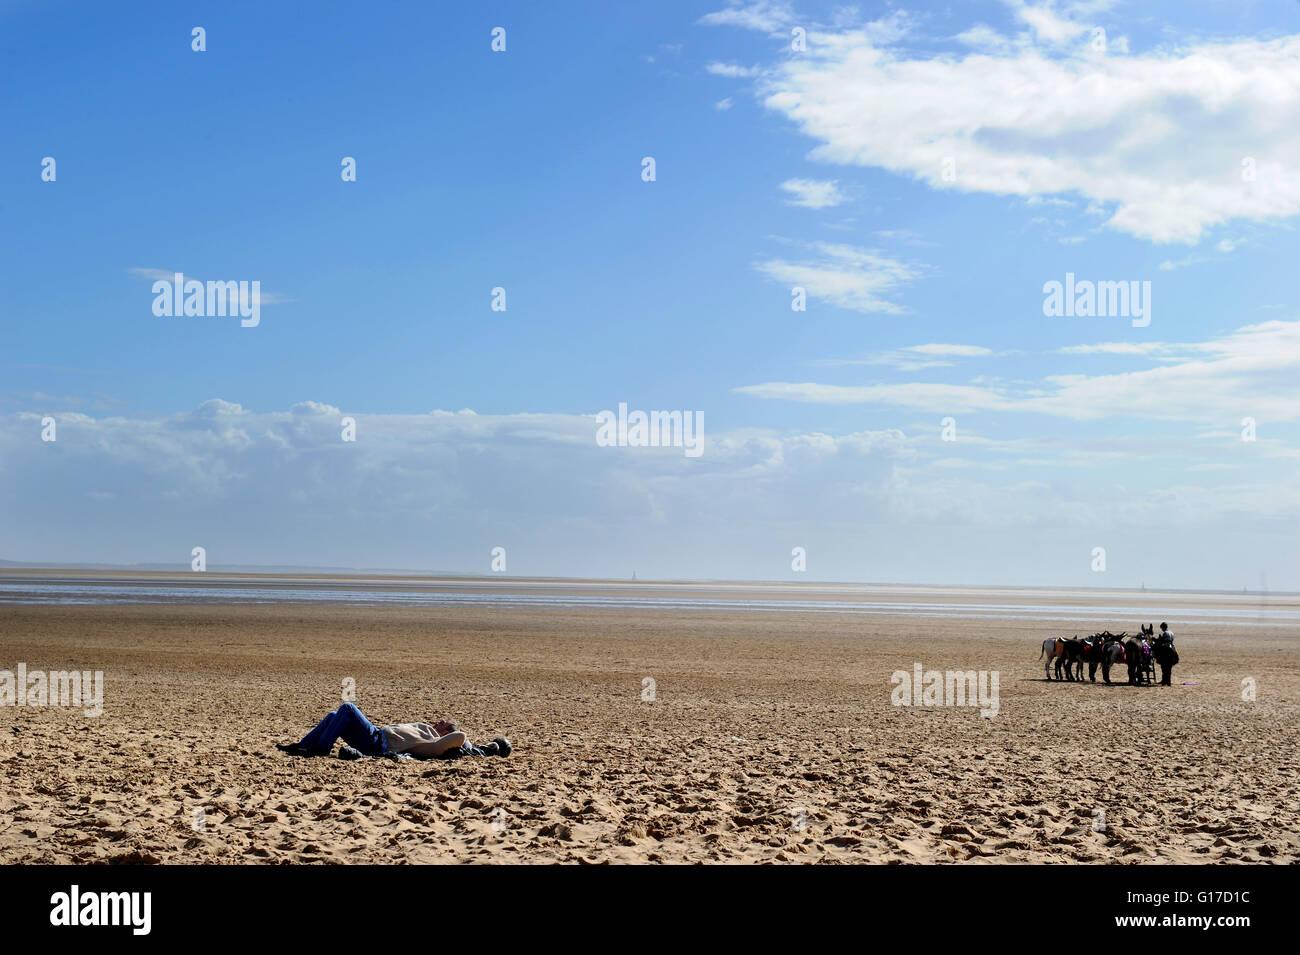 Journée de printemps tranquille sur la plage à Lytham St Anne's, Lancashire. Photo par Paul Heyes, Photo Stock